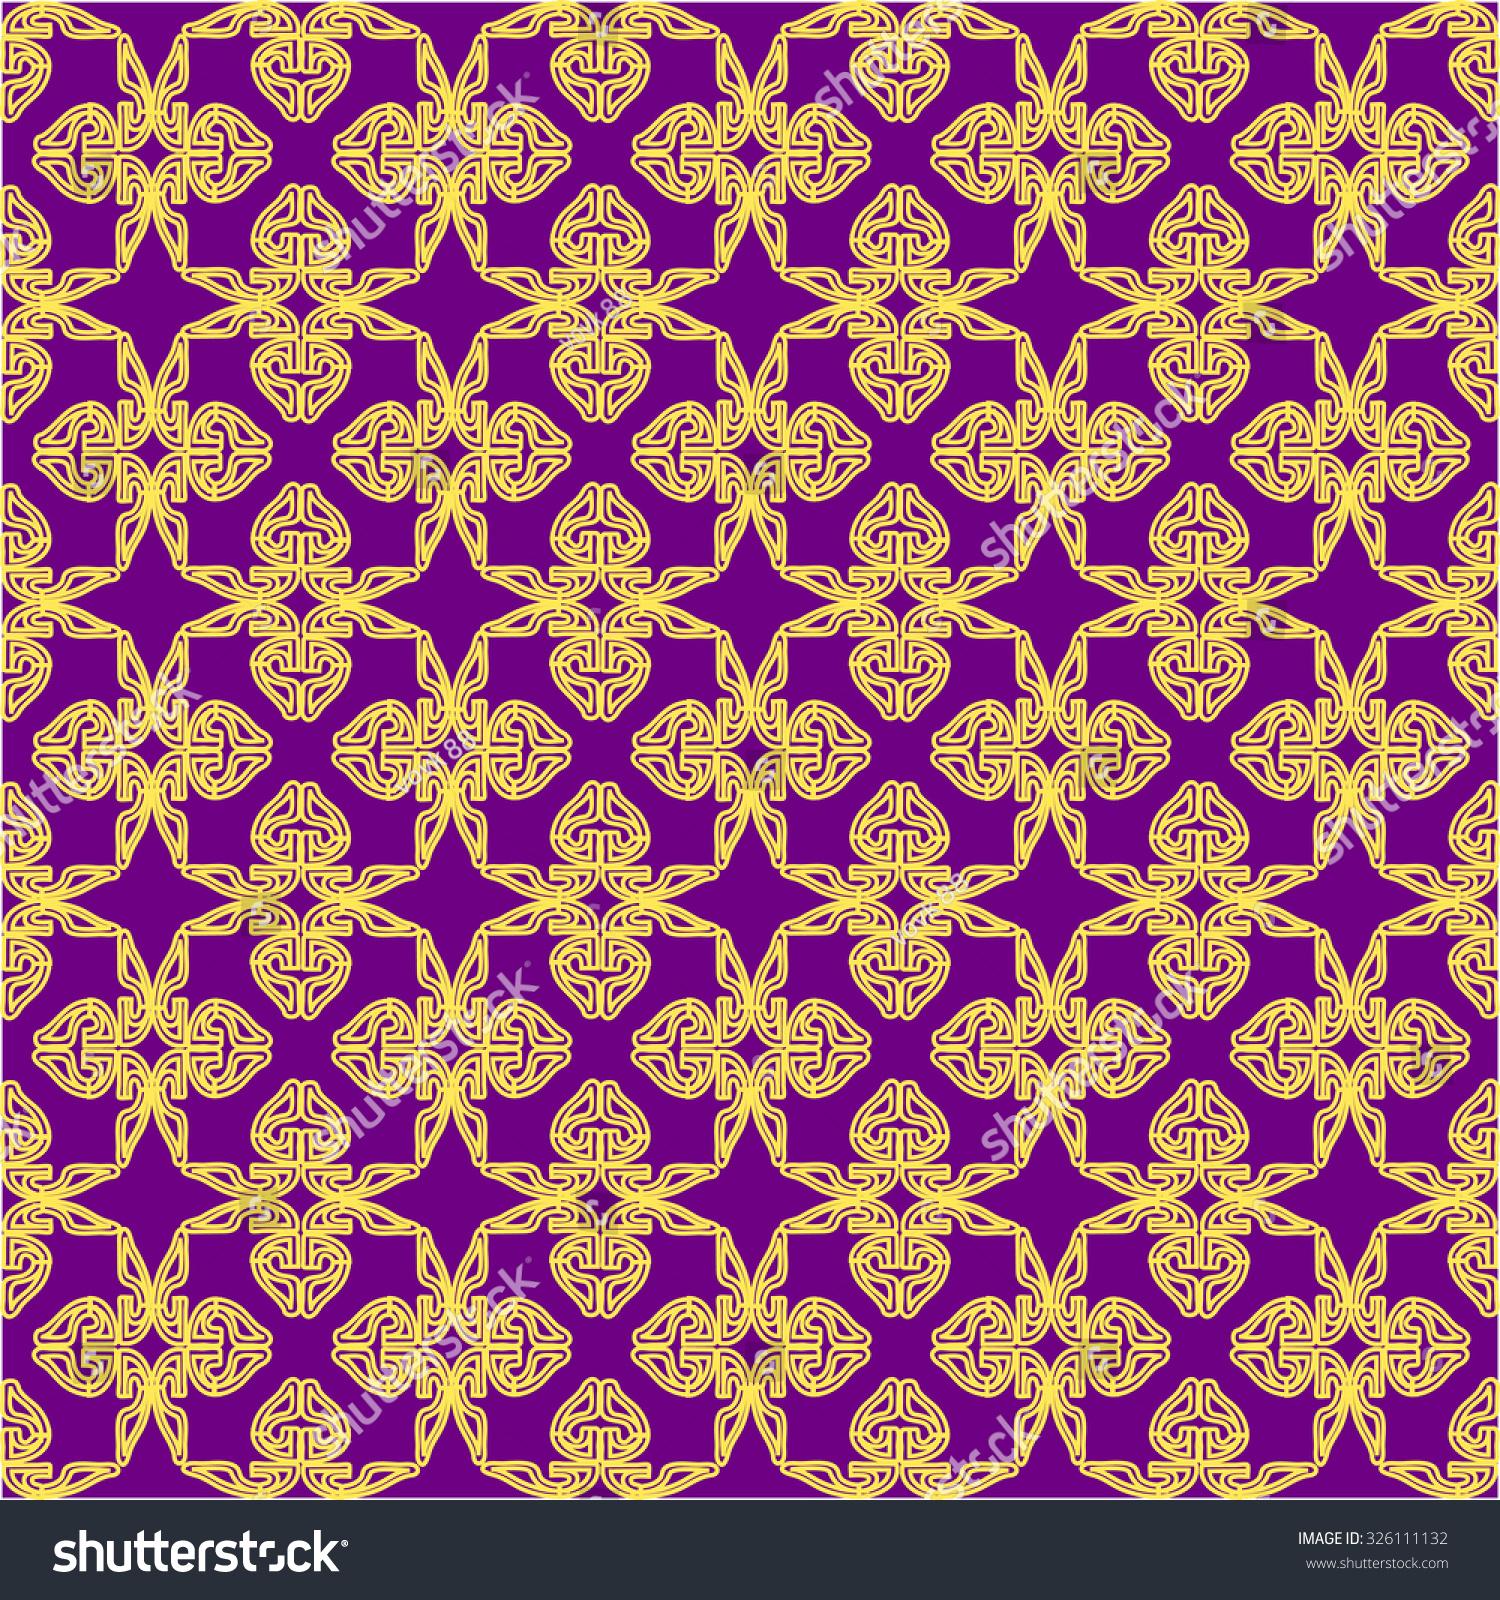 无缝模式由抽象的形状在一个紫色的背景-背景/素材